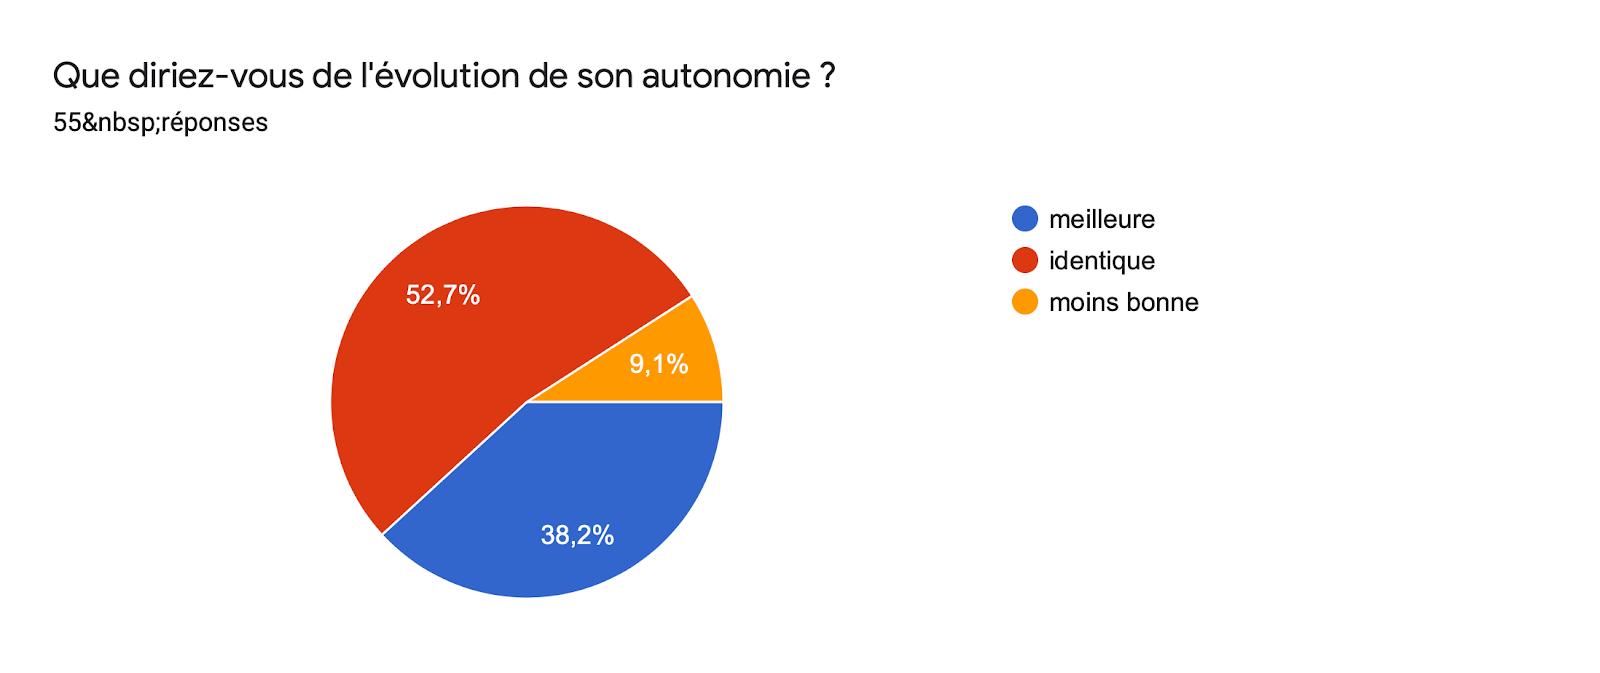 Tableau des réponses au formulaire Forms. Titre de la question: Que diriez-vous de l'évolution de son autonomie ?. Nombre de réponses: 55réponses.